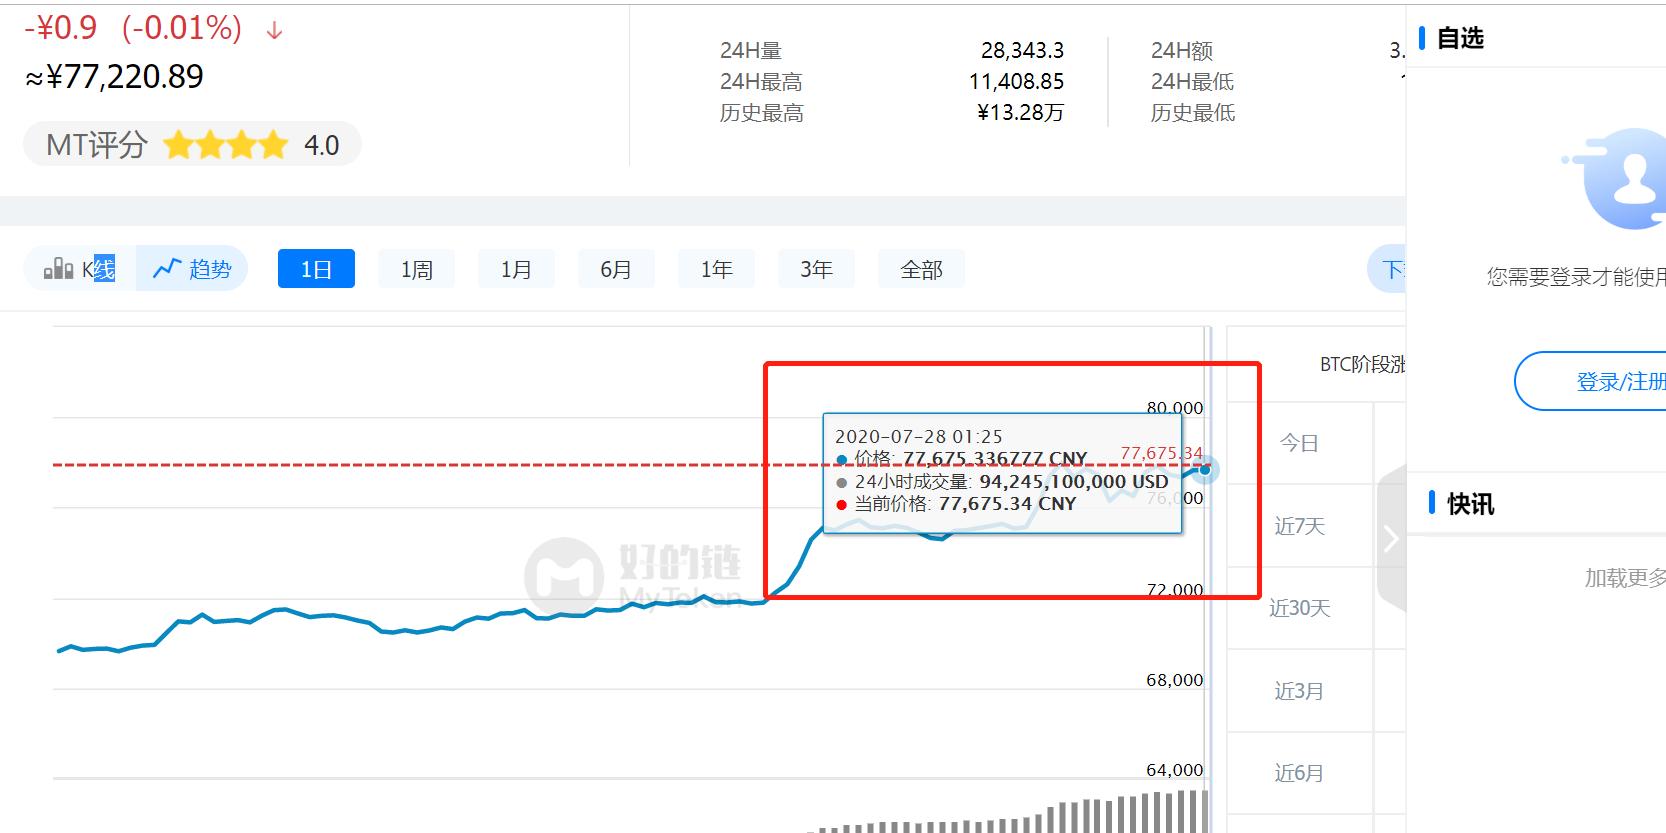 比特币突破11200美元 24小时成交额超900亿美元